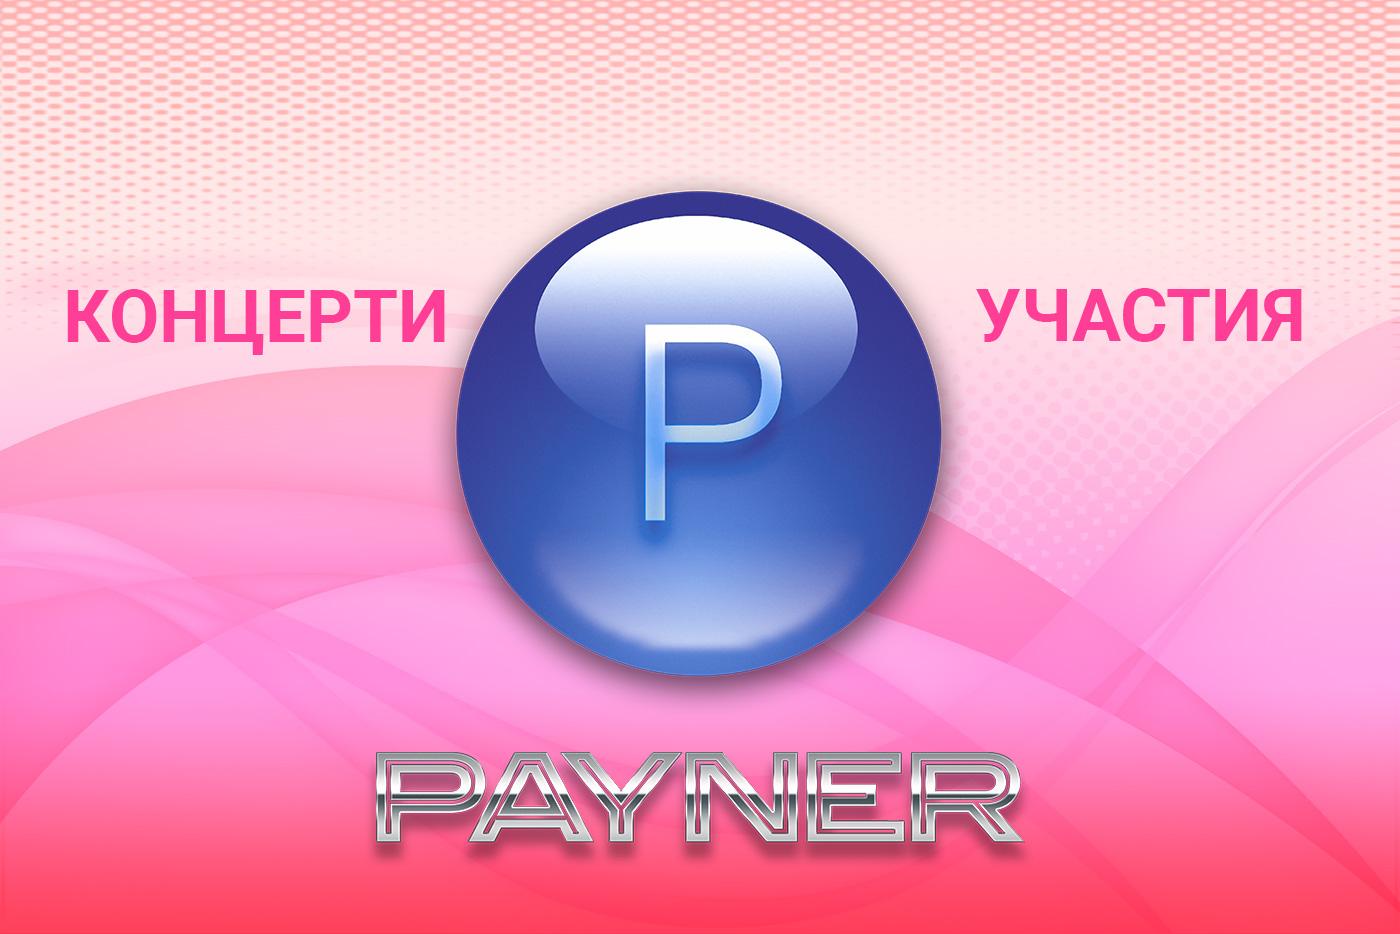 """Участия на звездите на """"Пайнер"""" на 26.11.2019"""